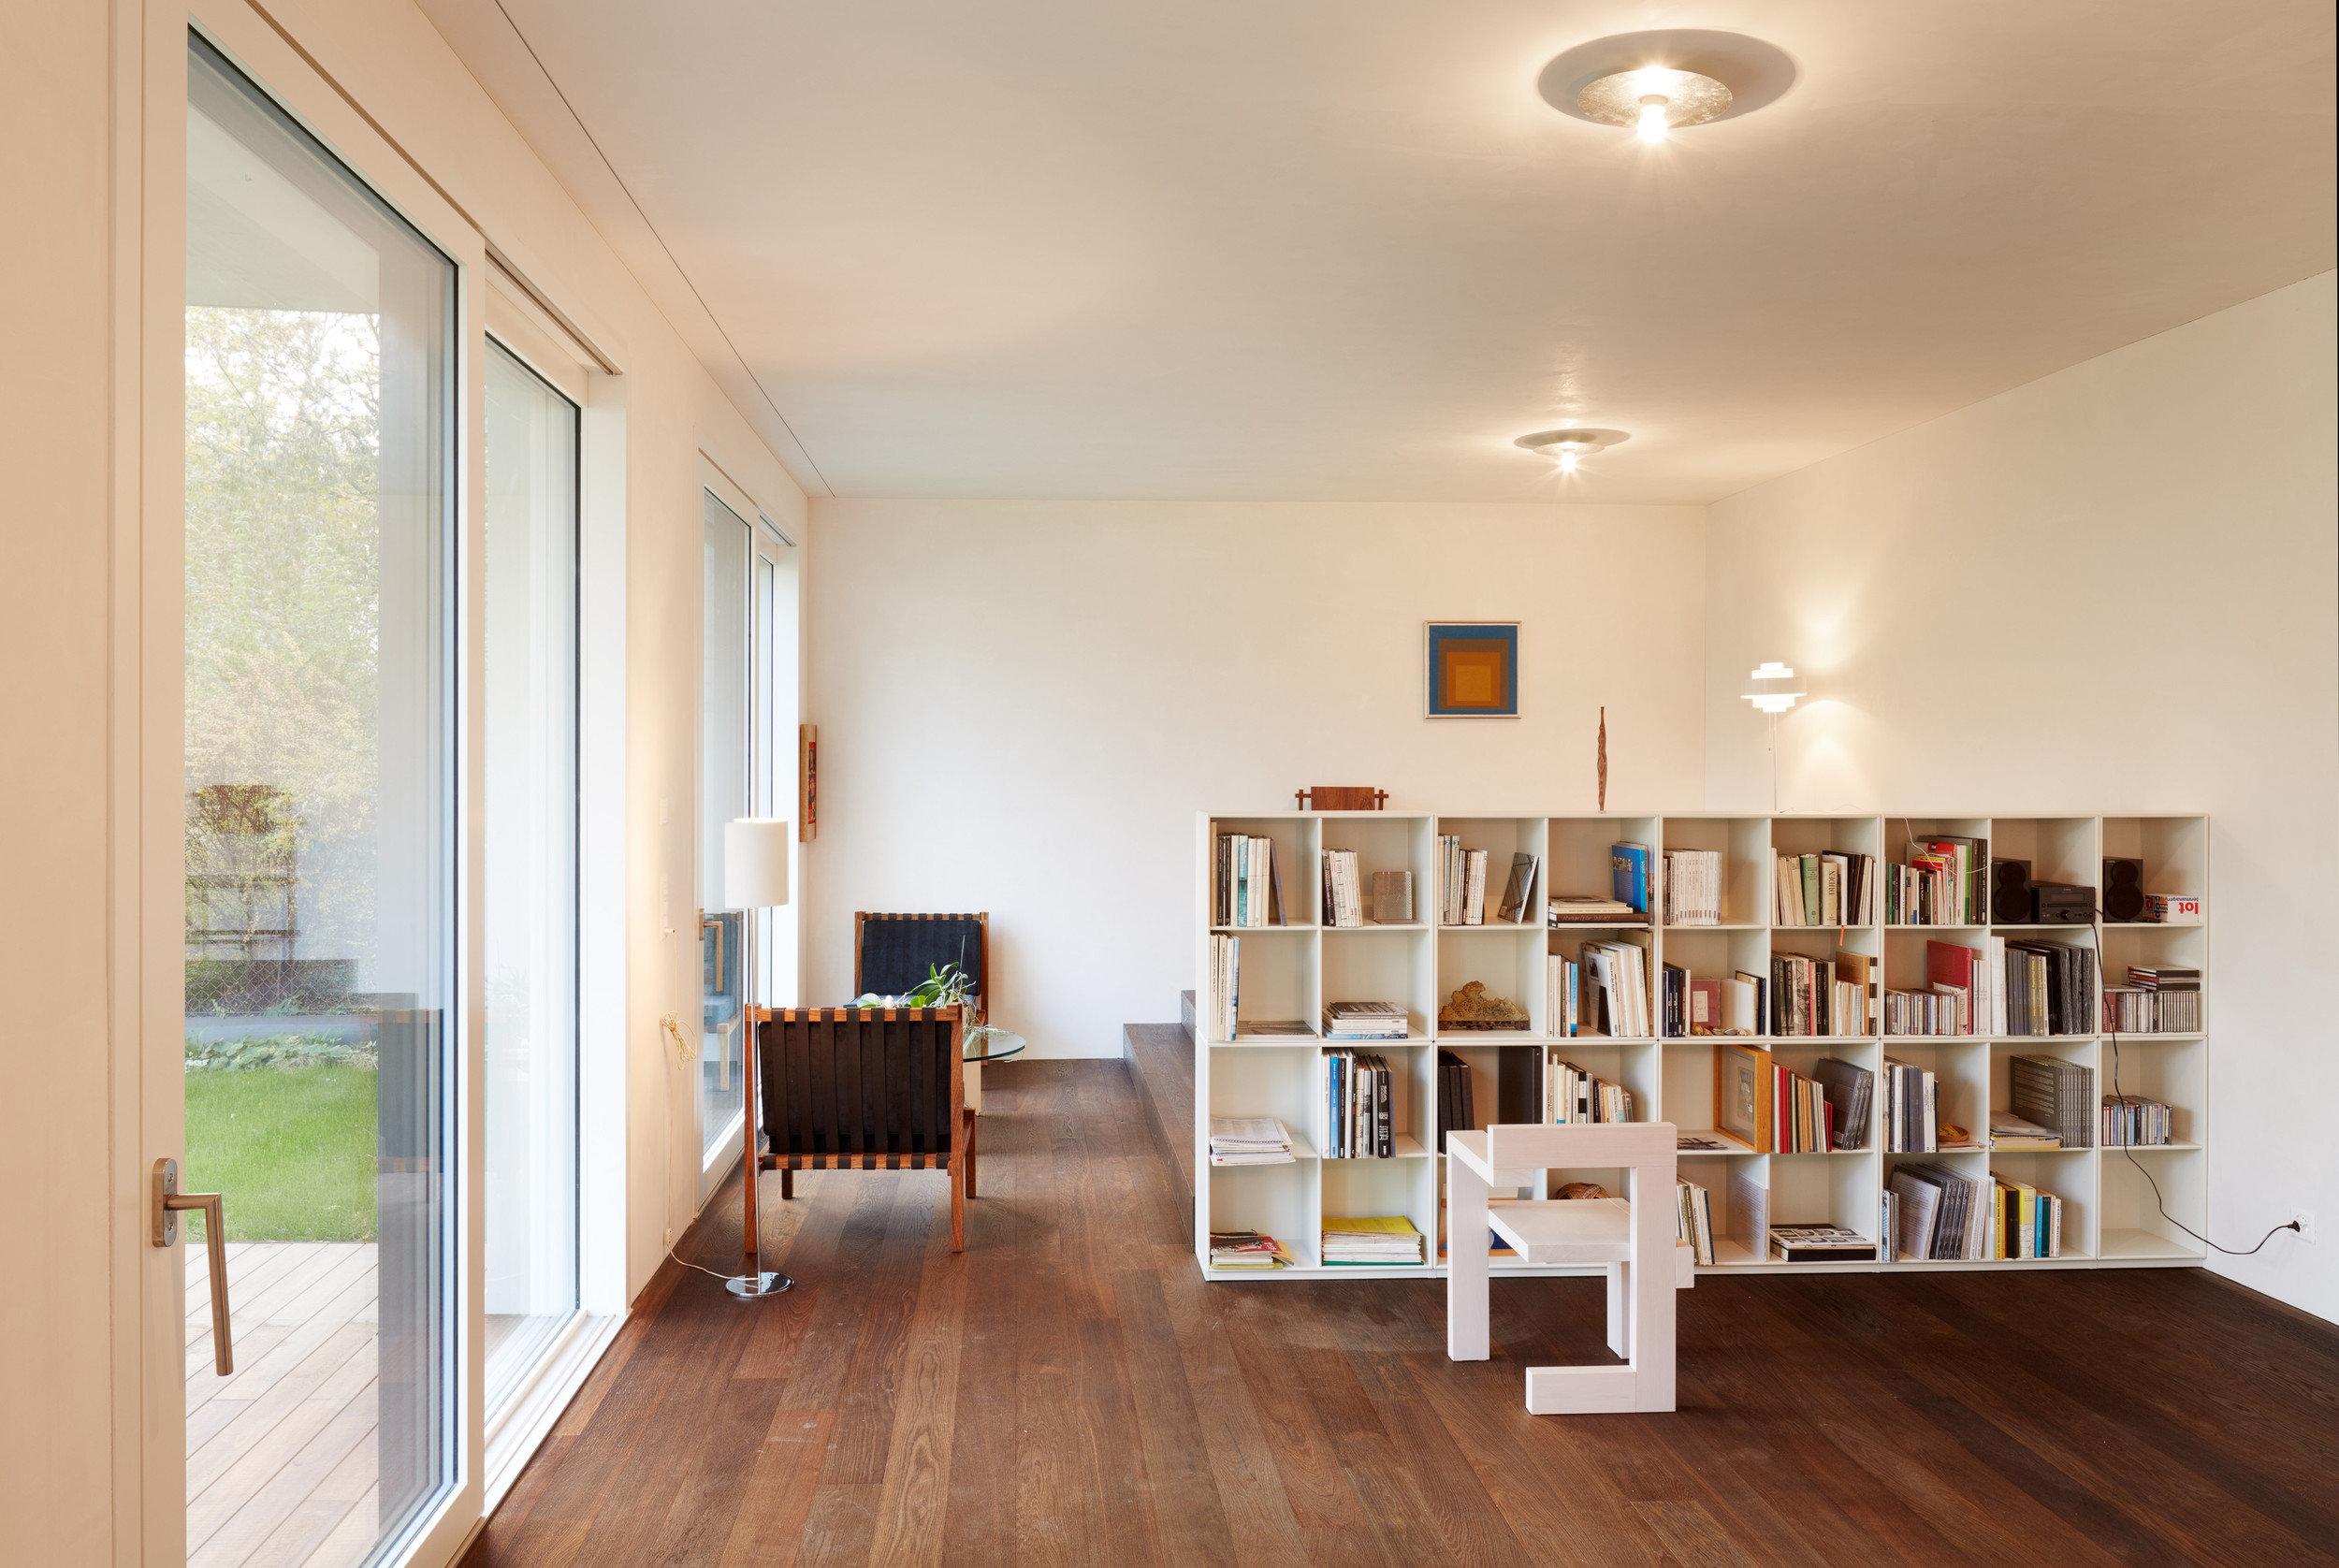 Möblierter Raum mit Bücherregal und Hebe-Schiebetüren in hellem und modernem Design